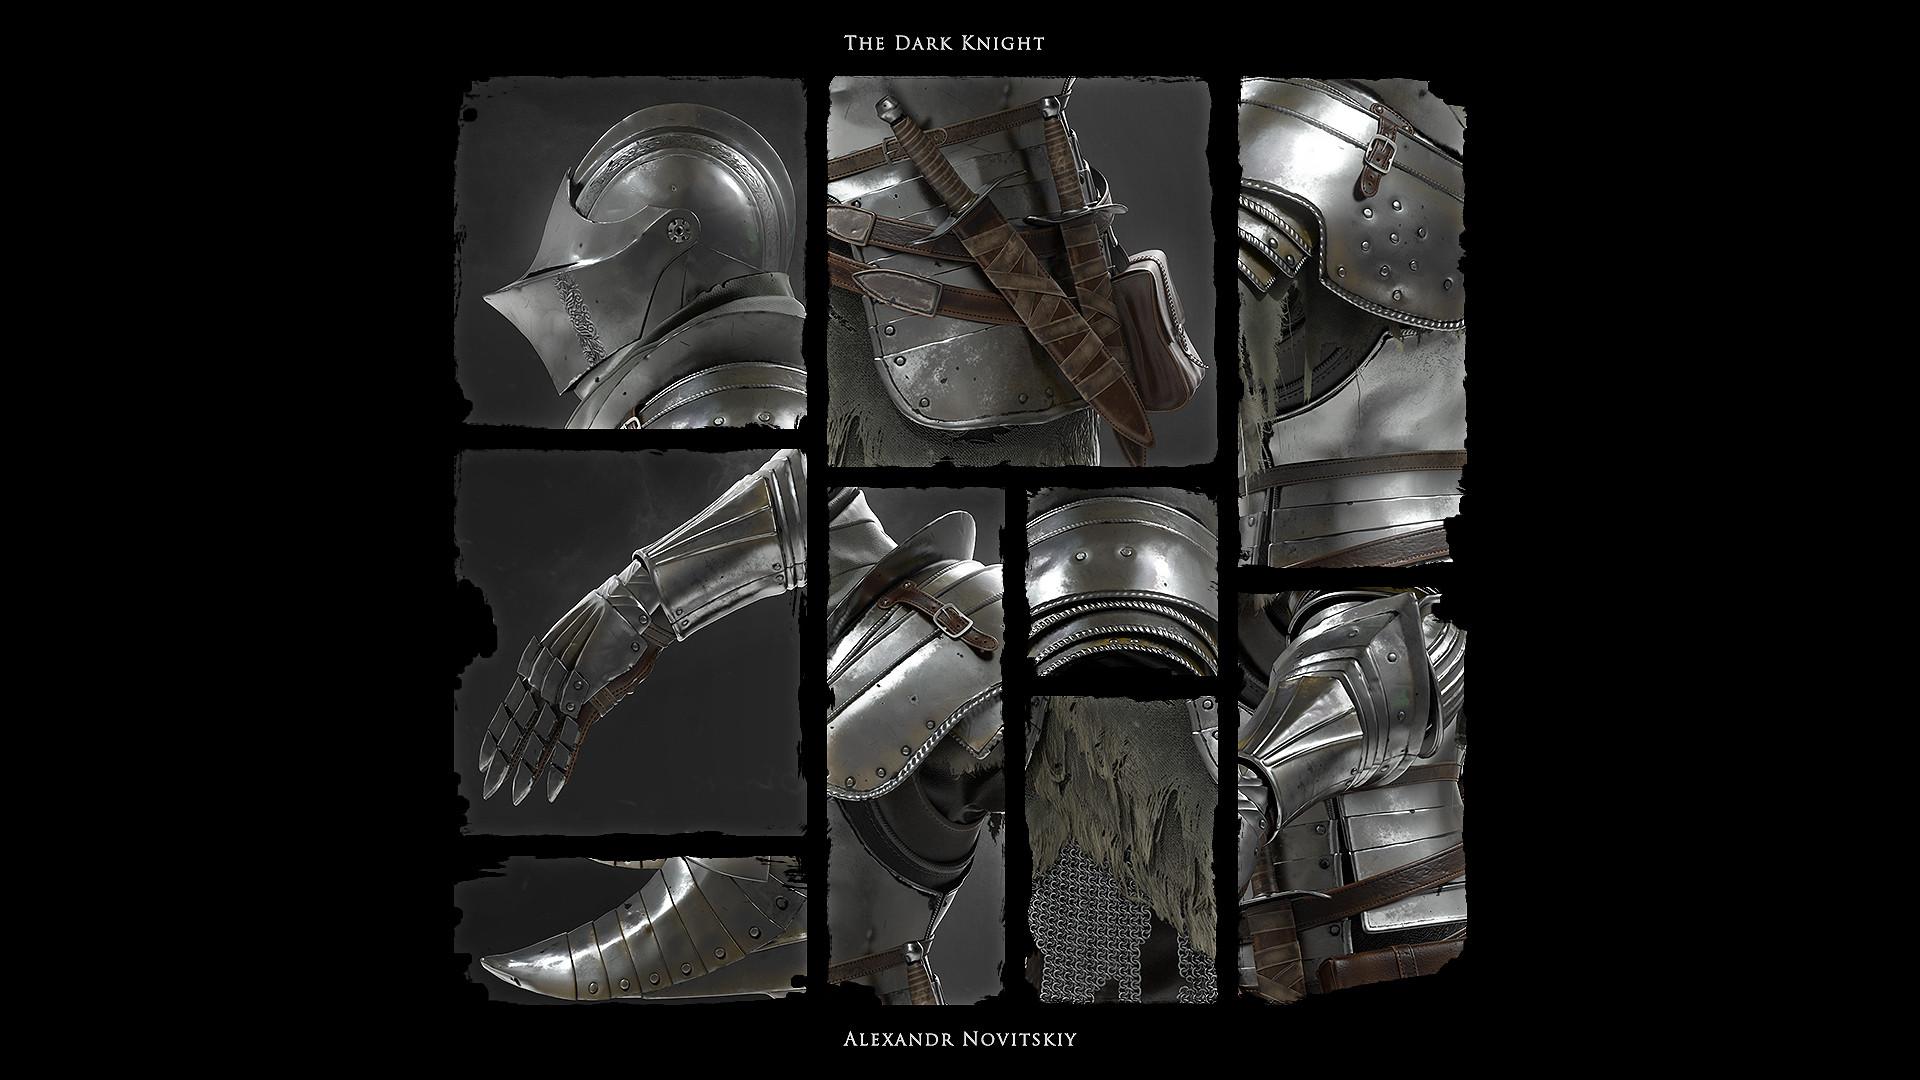 Alexandr novitskiy dark knight mosaic